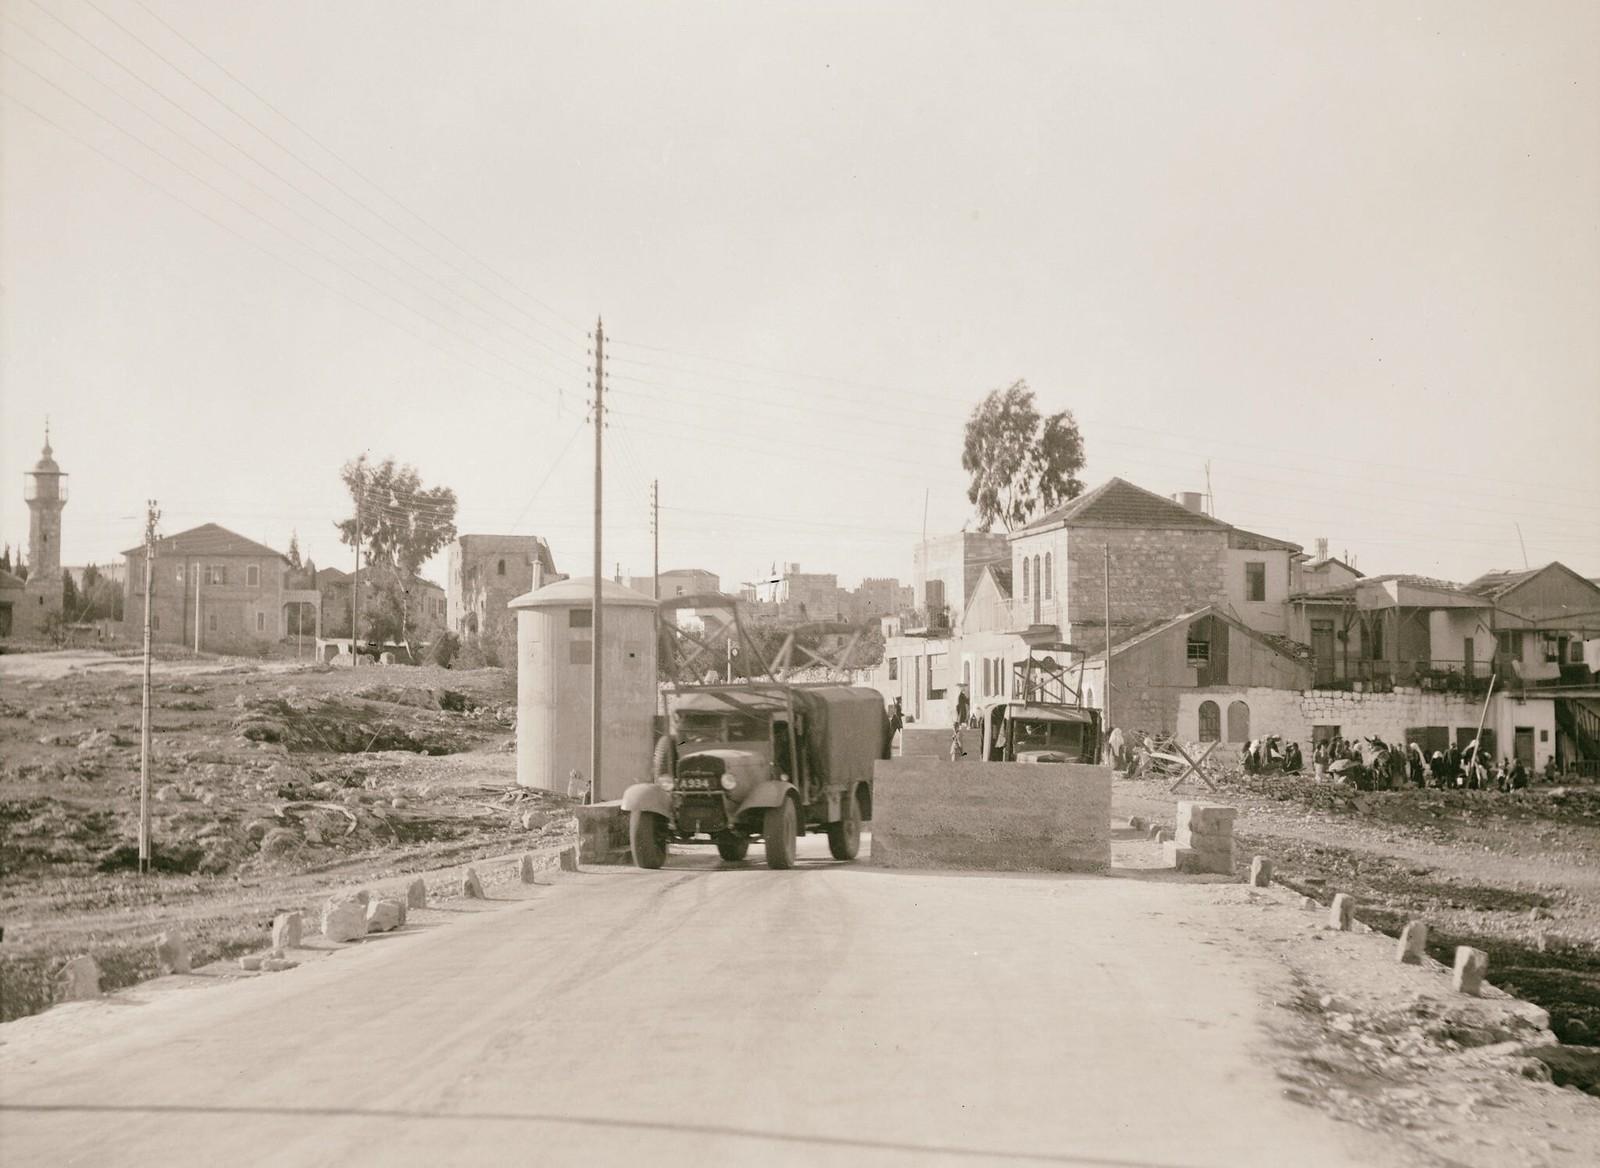 06. 1938. Шхем. Заграждения на шоссе, ведущем в Иерусалим с севера